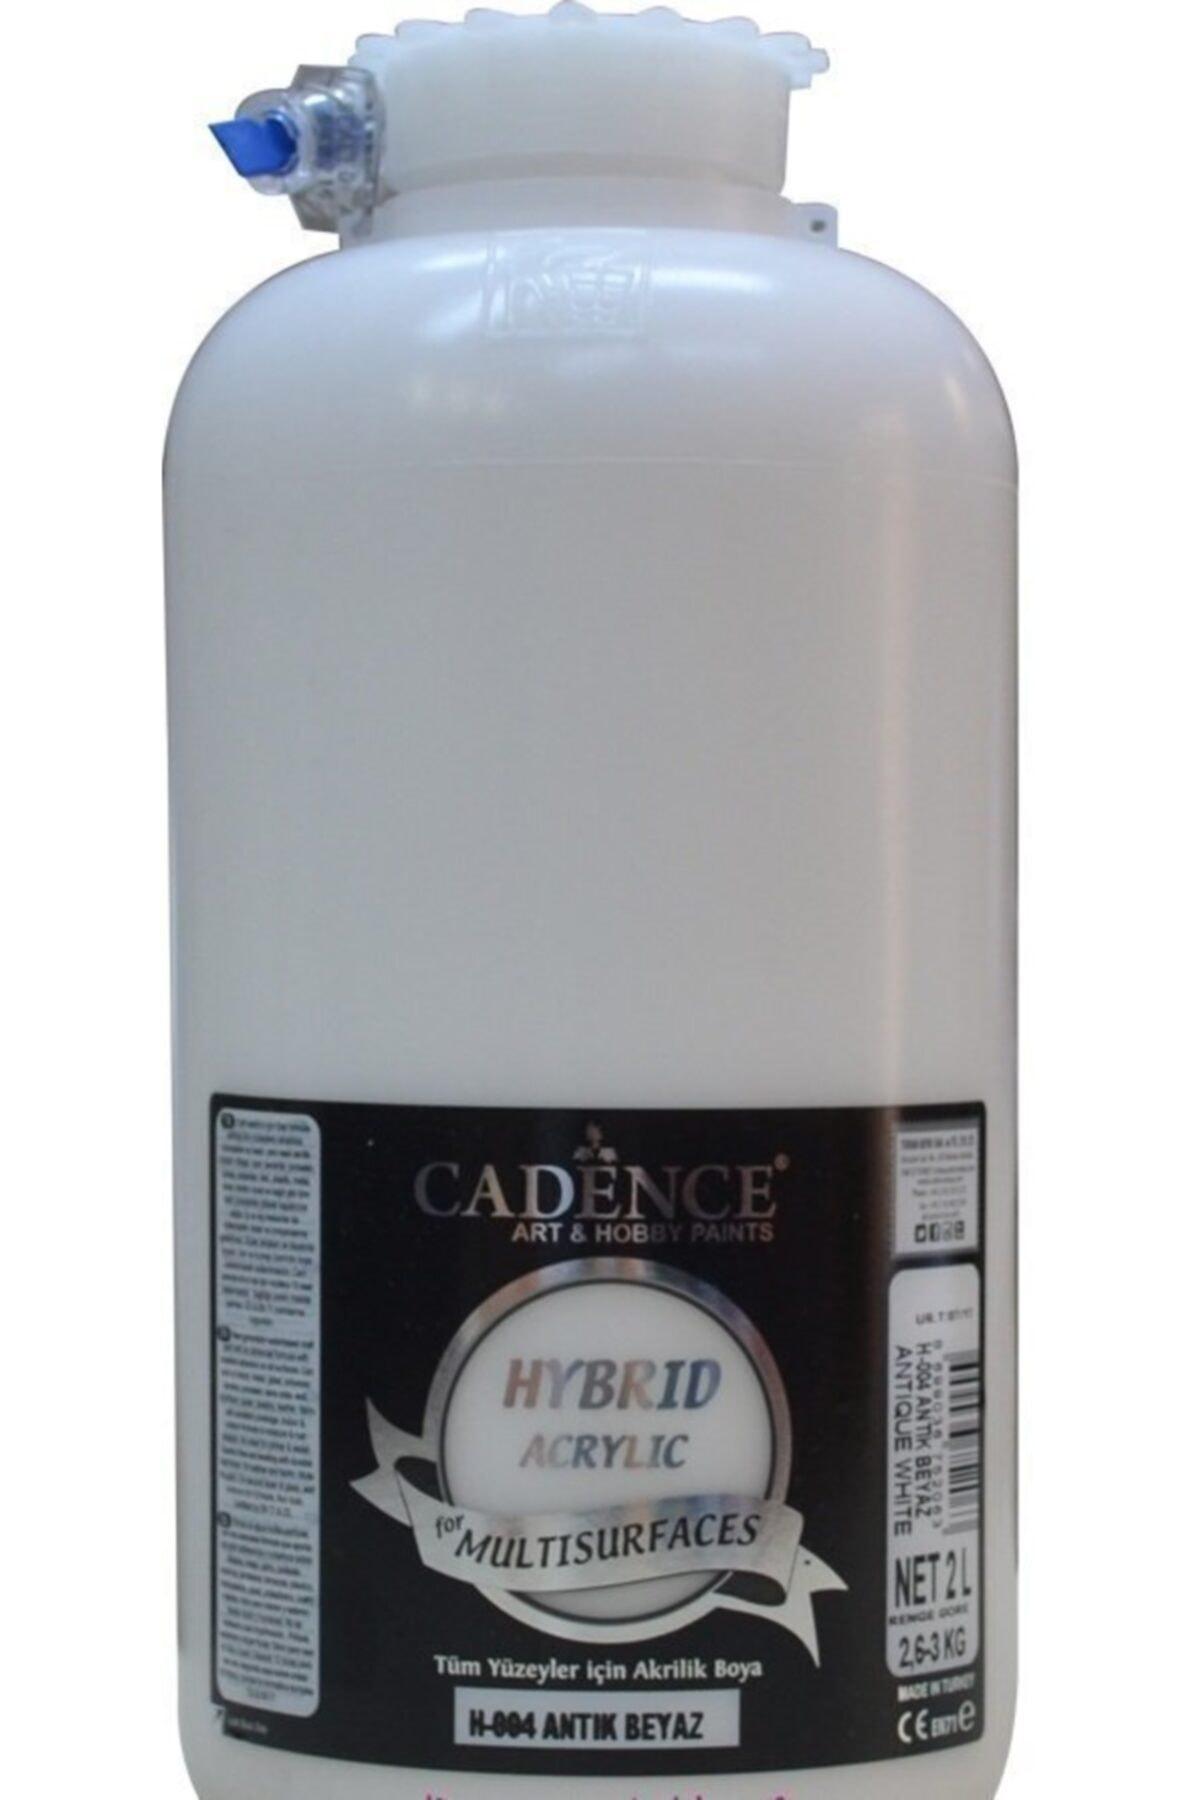 Cadence Antik Beyaz Hybrid Multisurface Akrilik Boya 2 L H-004 2